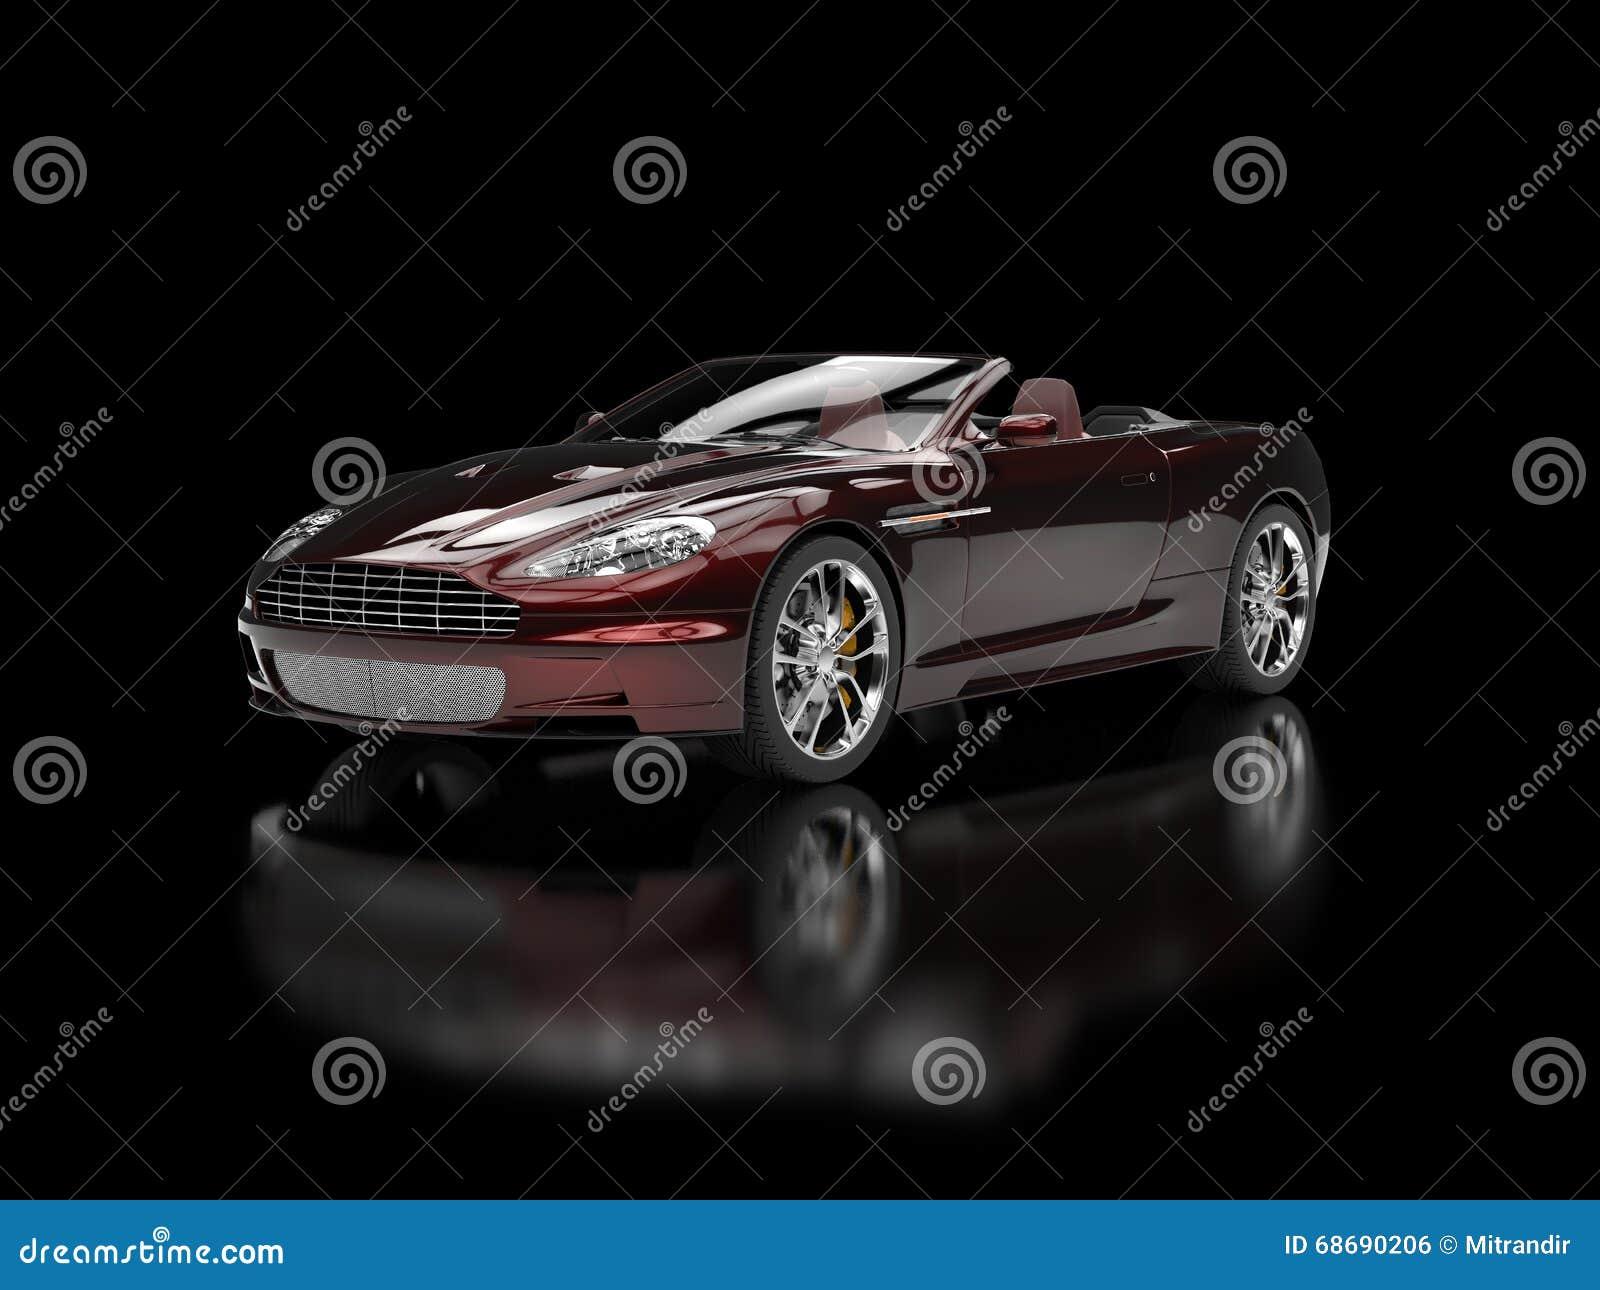 peinture perl e rouge fonc automobile de sports convertibles photo stock image 68690206. Black Bedroom Furniture Sets. Home Design Ideas